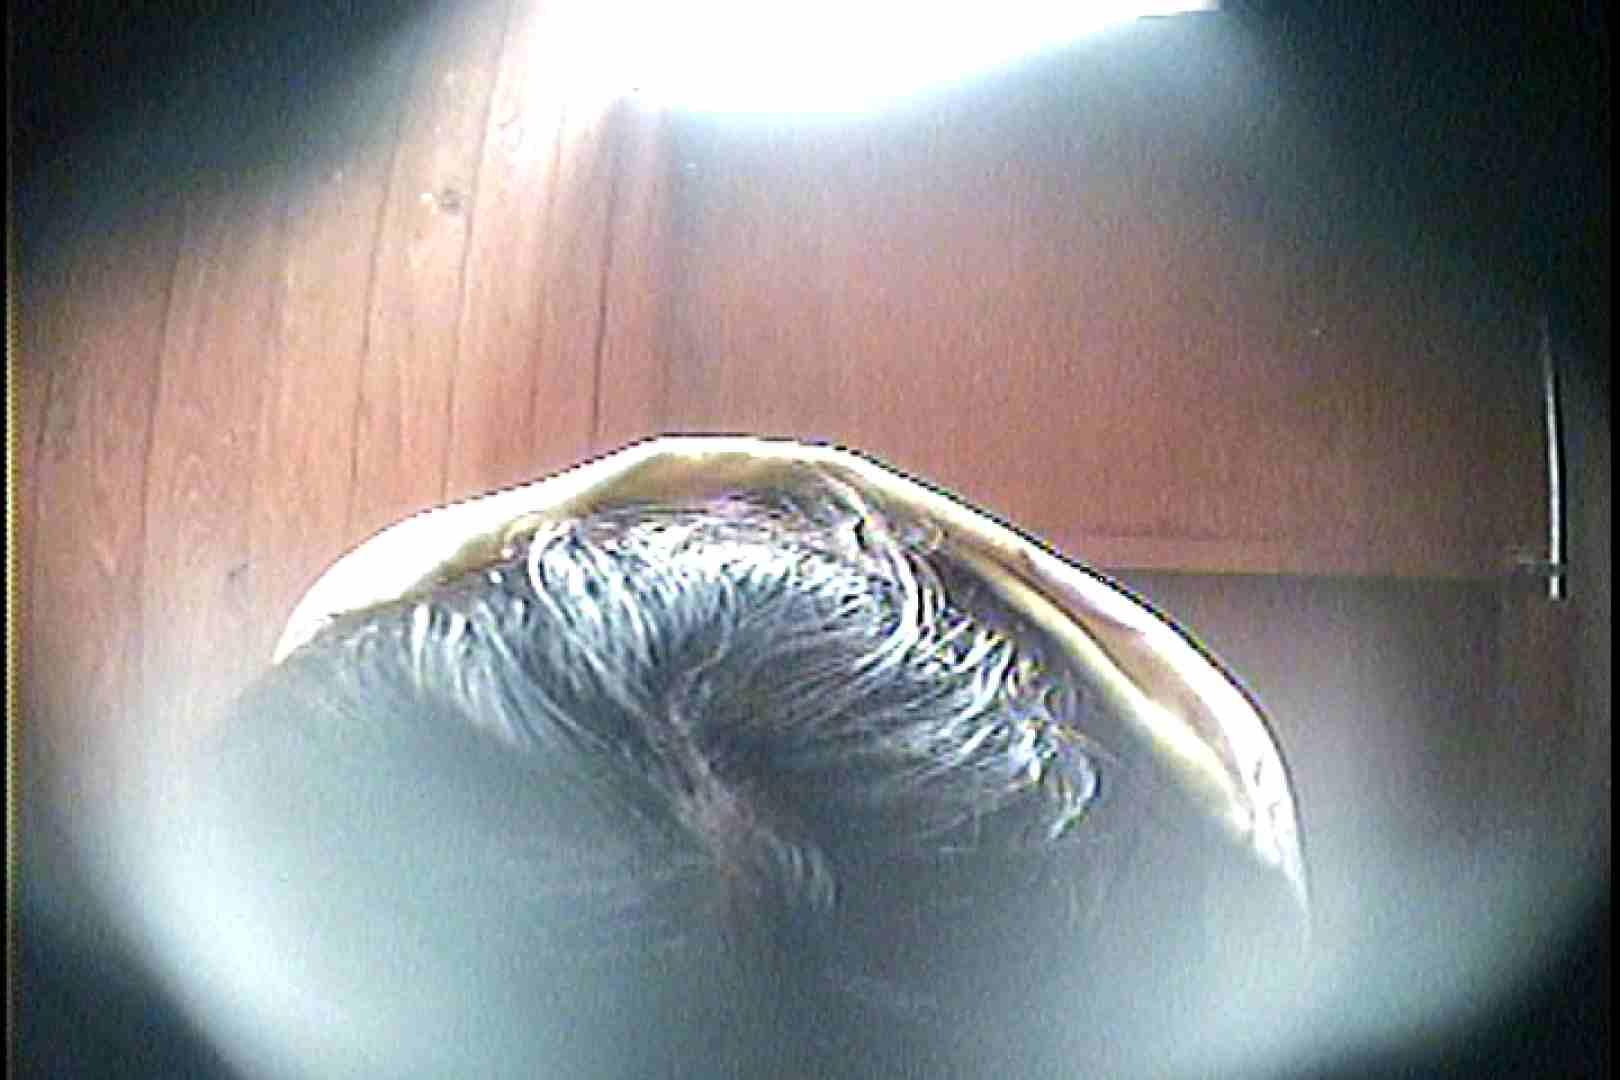 海の家の更衣室 Vol.24 シャワー   OLの実態  74pic 55